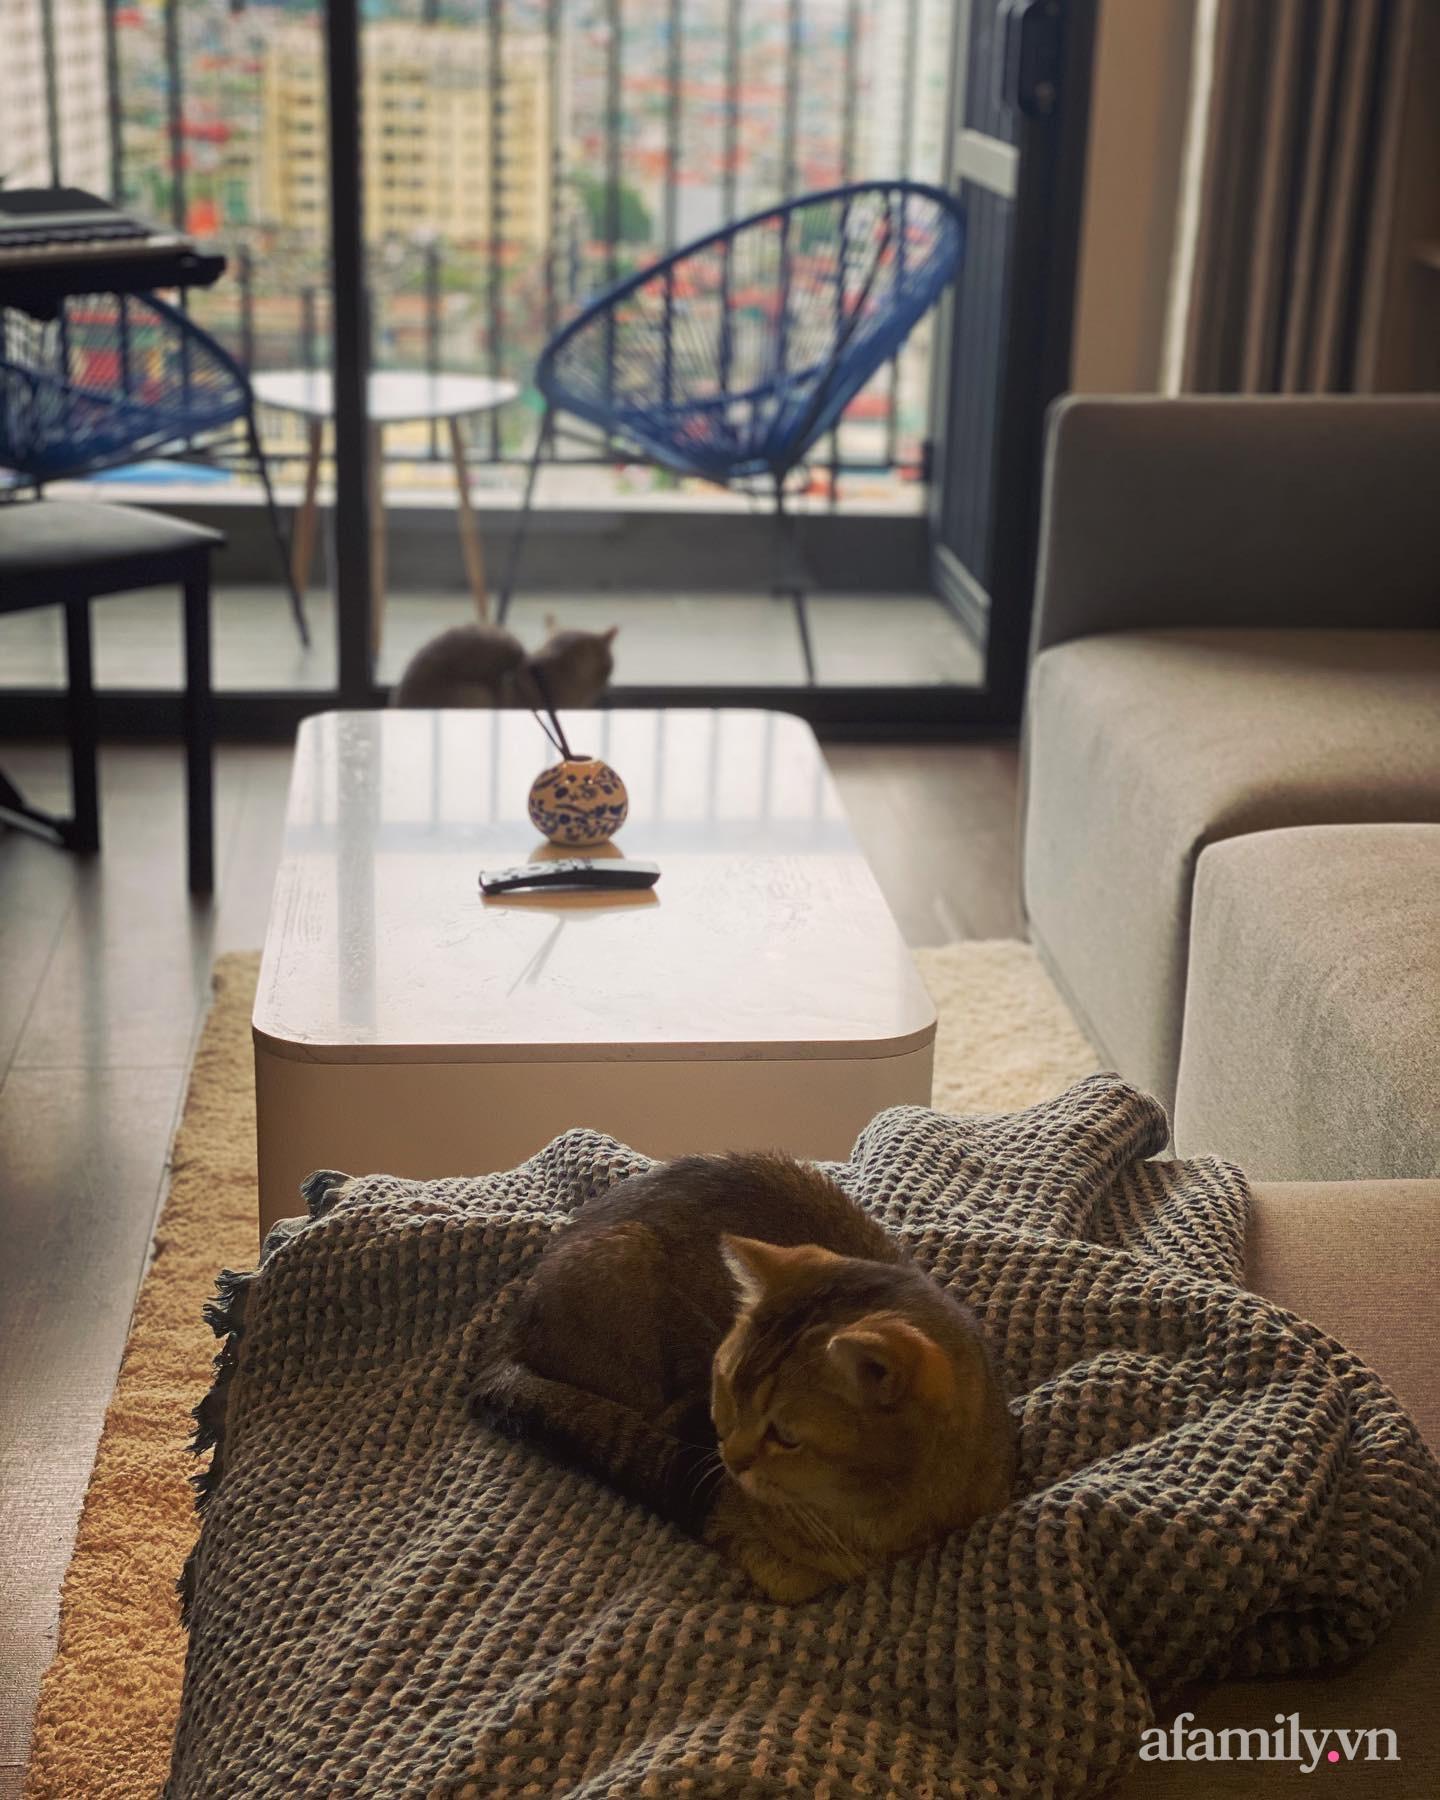 Chi 200 triệu đồng, blogger du lịch Sài Gòn thiết kế căn hộ tối giản rộng 83m² đẹp không góc chết nhờ đặt ra 5 nguyên tắc vàng - Ảnh 24.